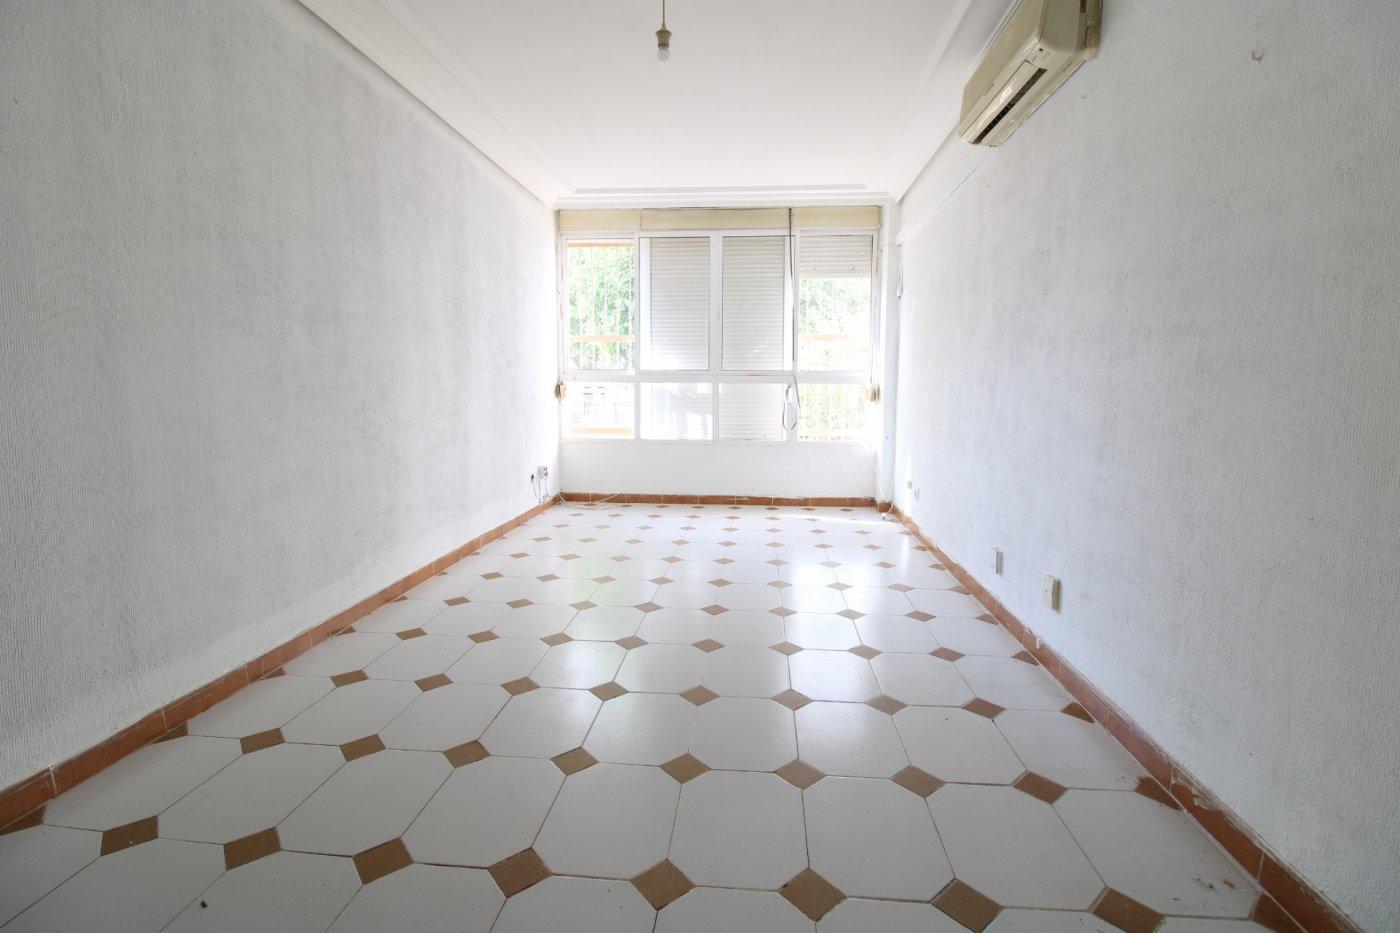 Piso a la venta en sevilla zona carretera carmona - imagenInmueble4